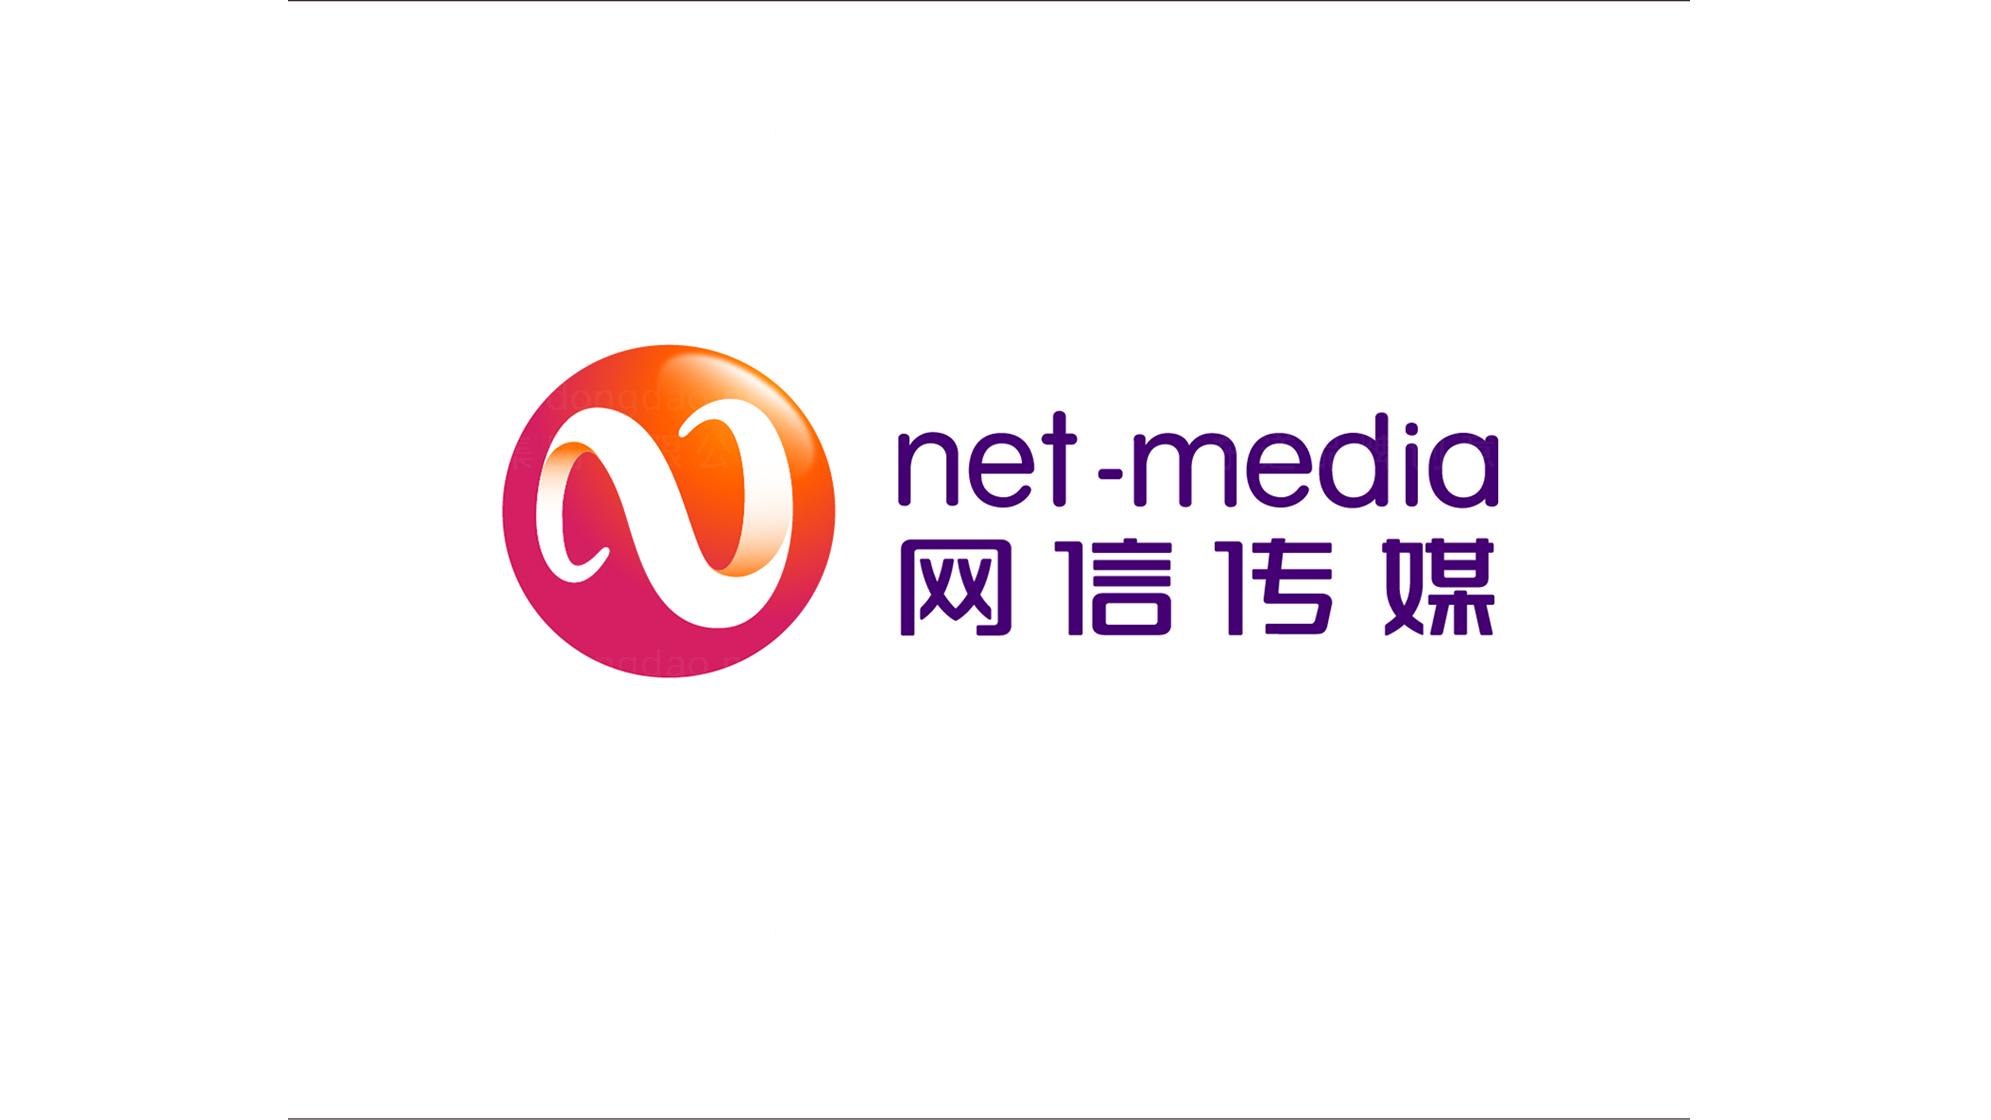 文体娱媒品牌设计网信传媒标志设计